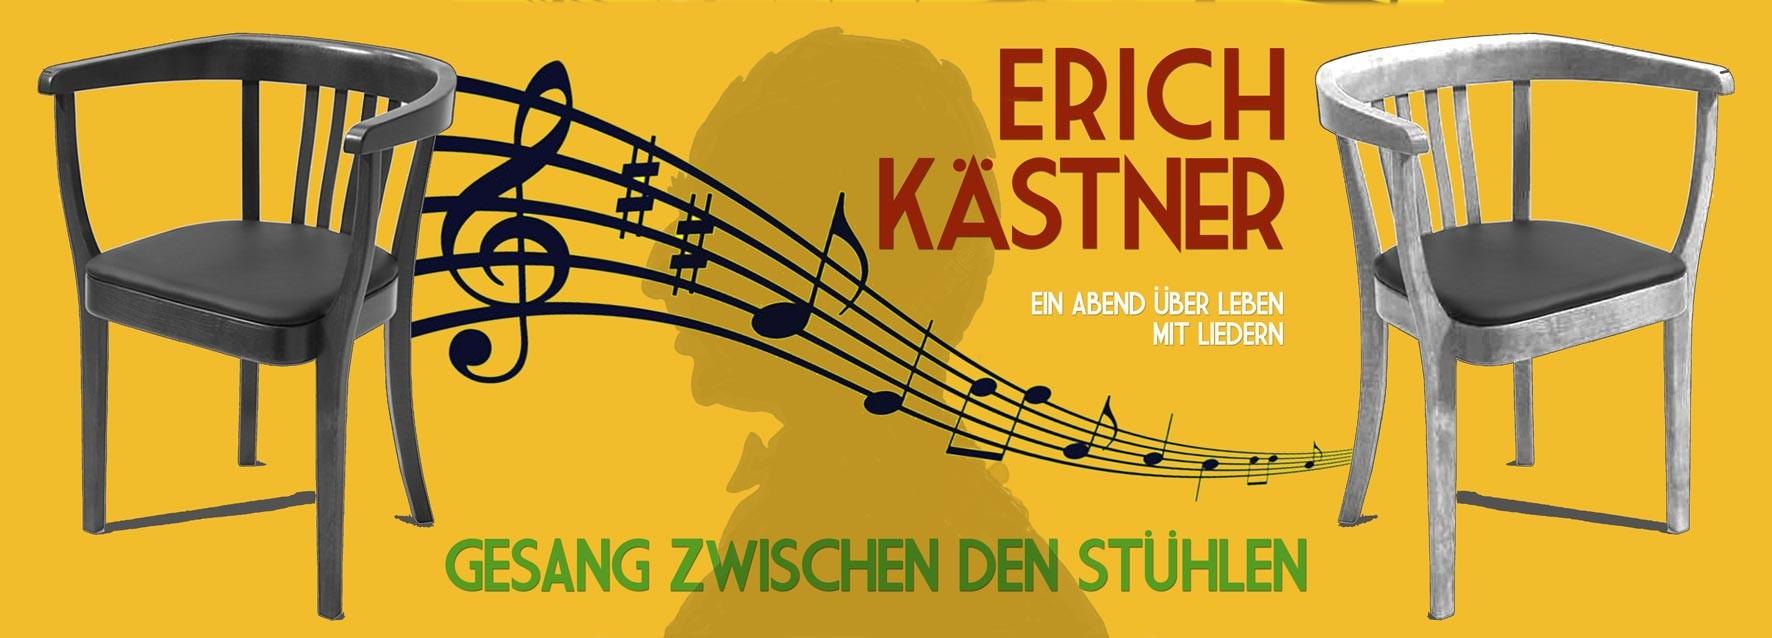 Erich_Kaestner.jpg